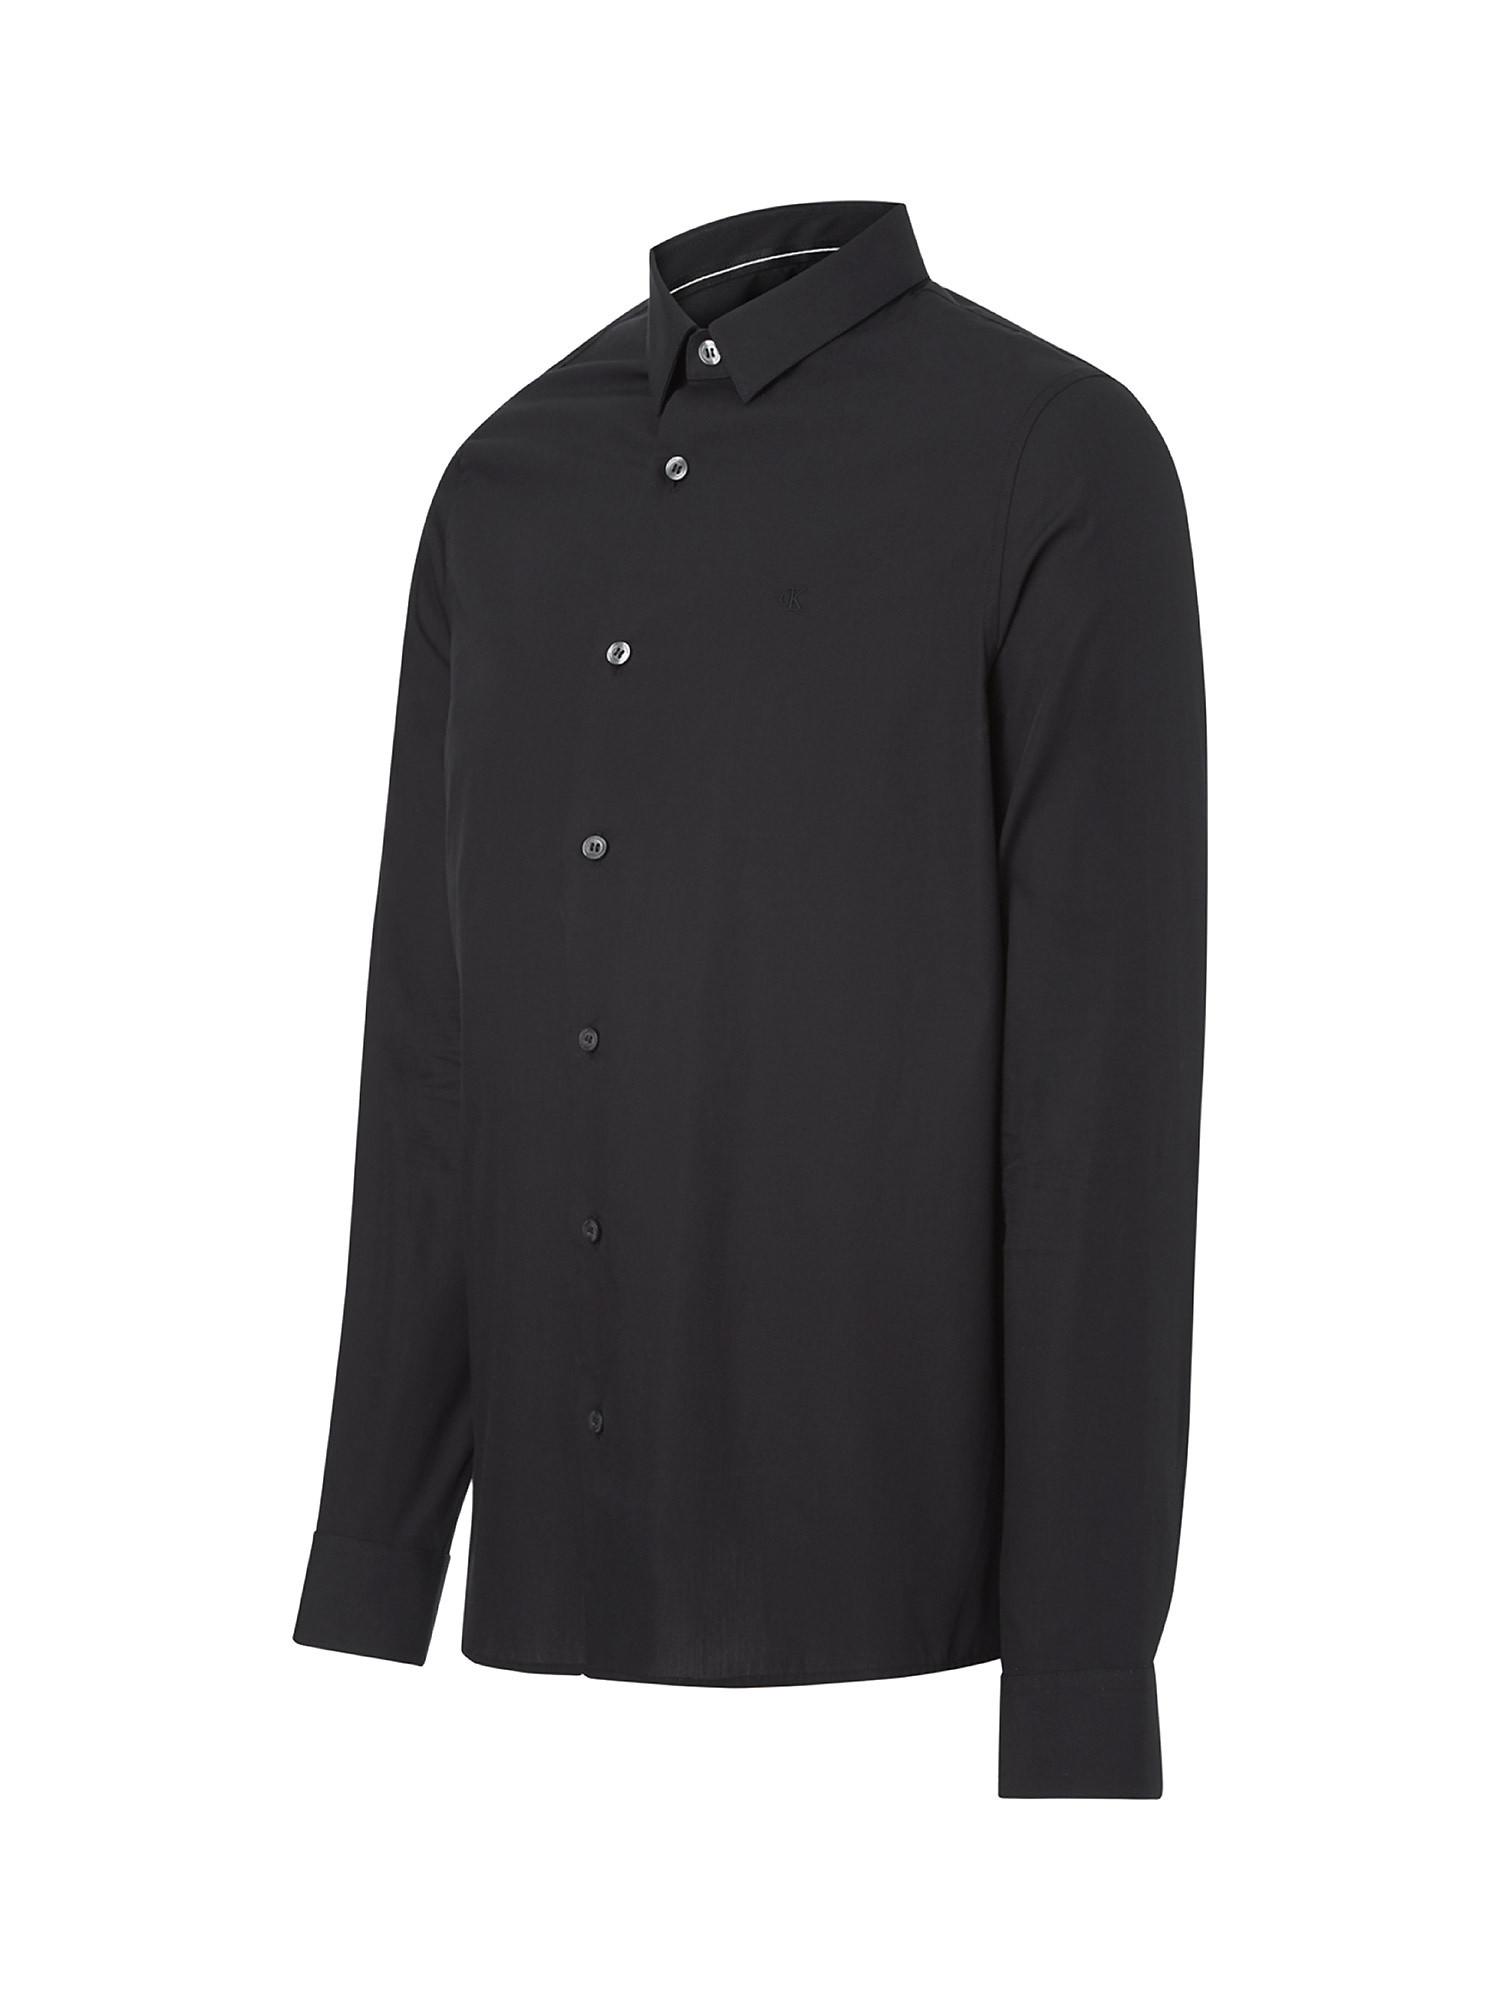 Camicia in cotone elasticizzato, Nero, large image number 2